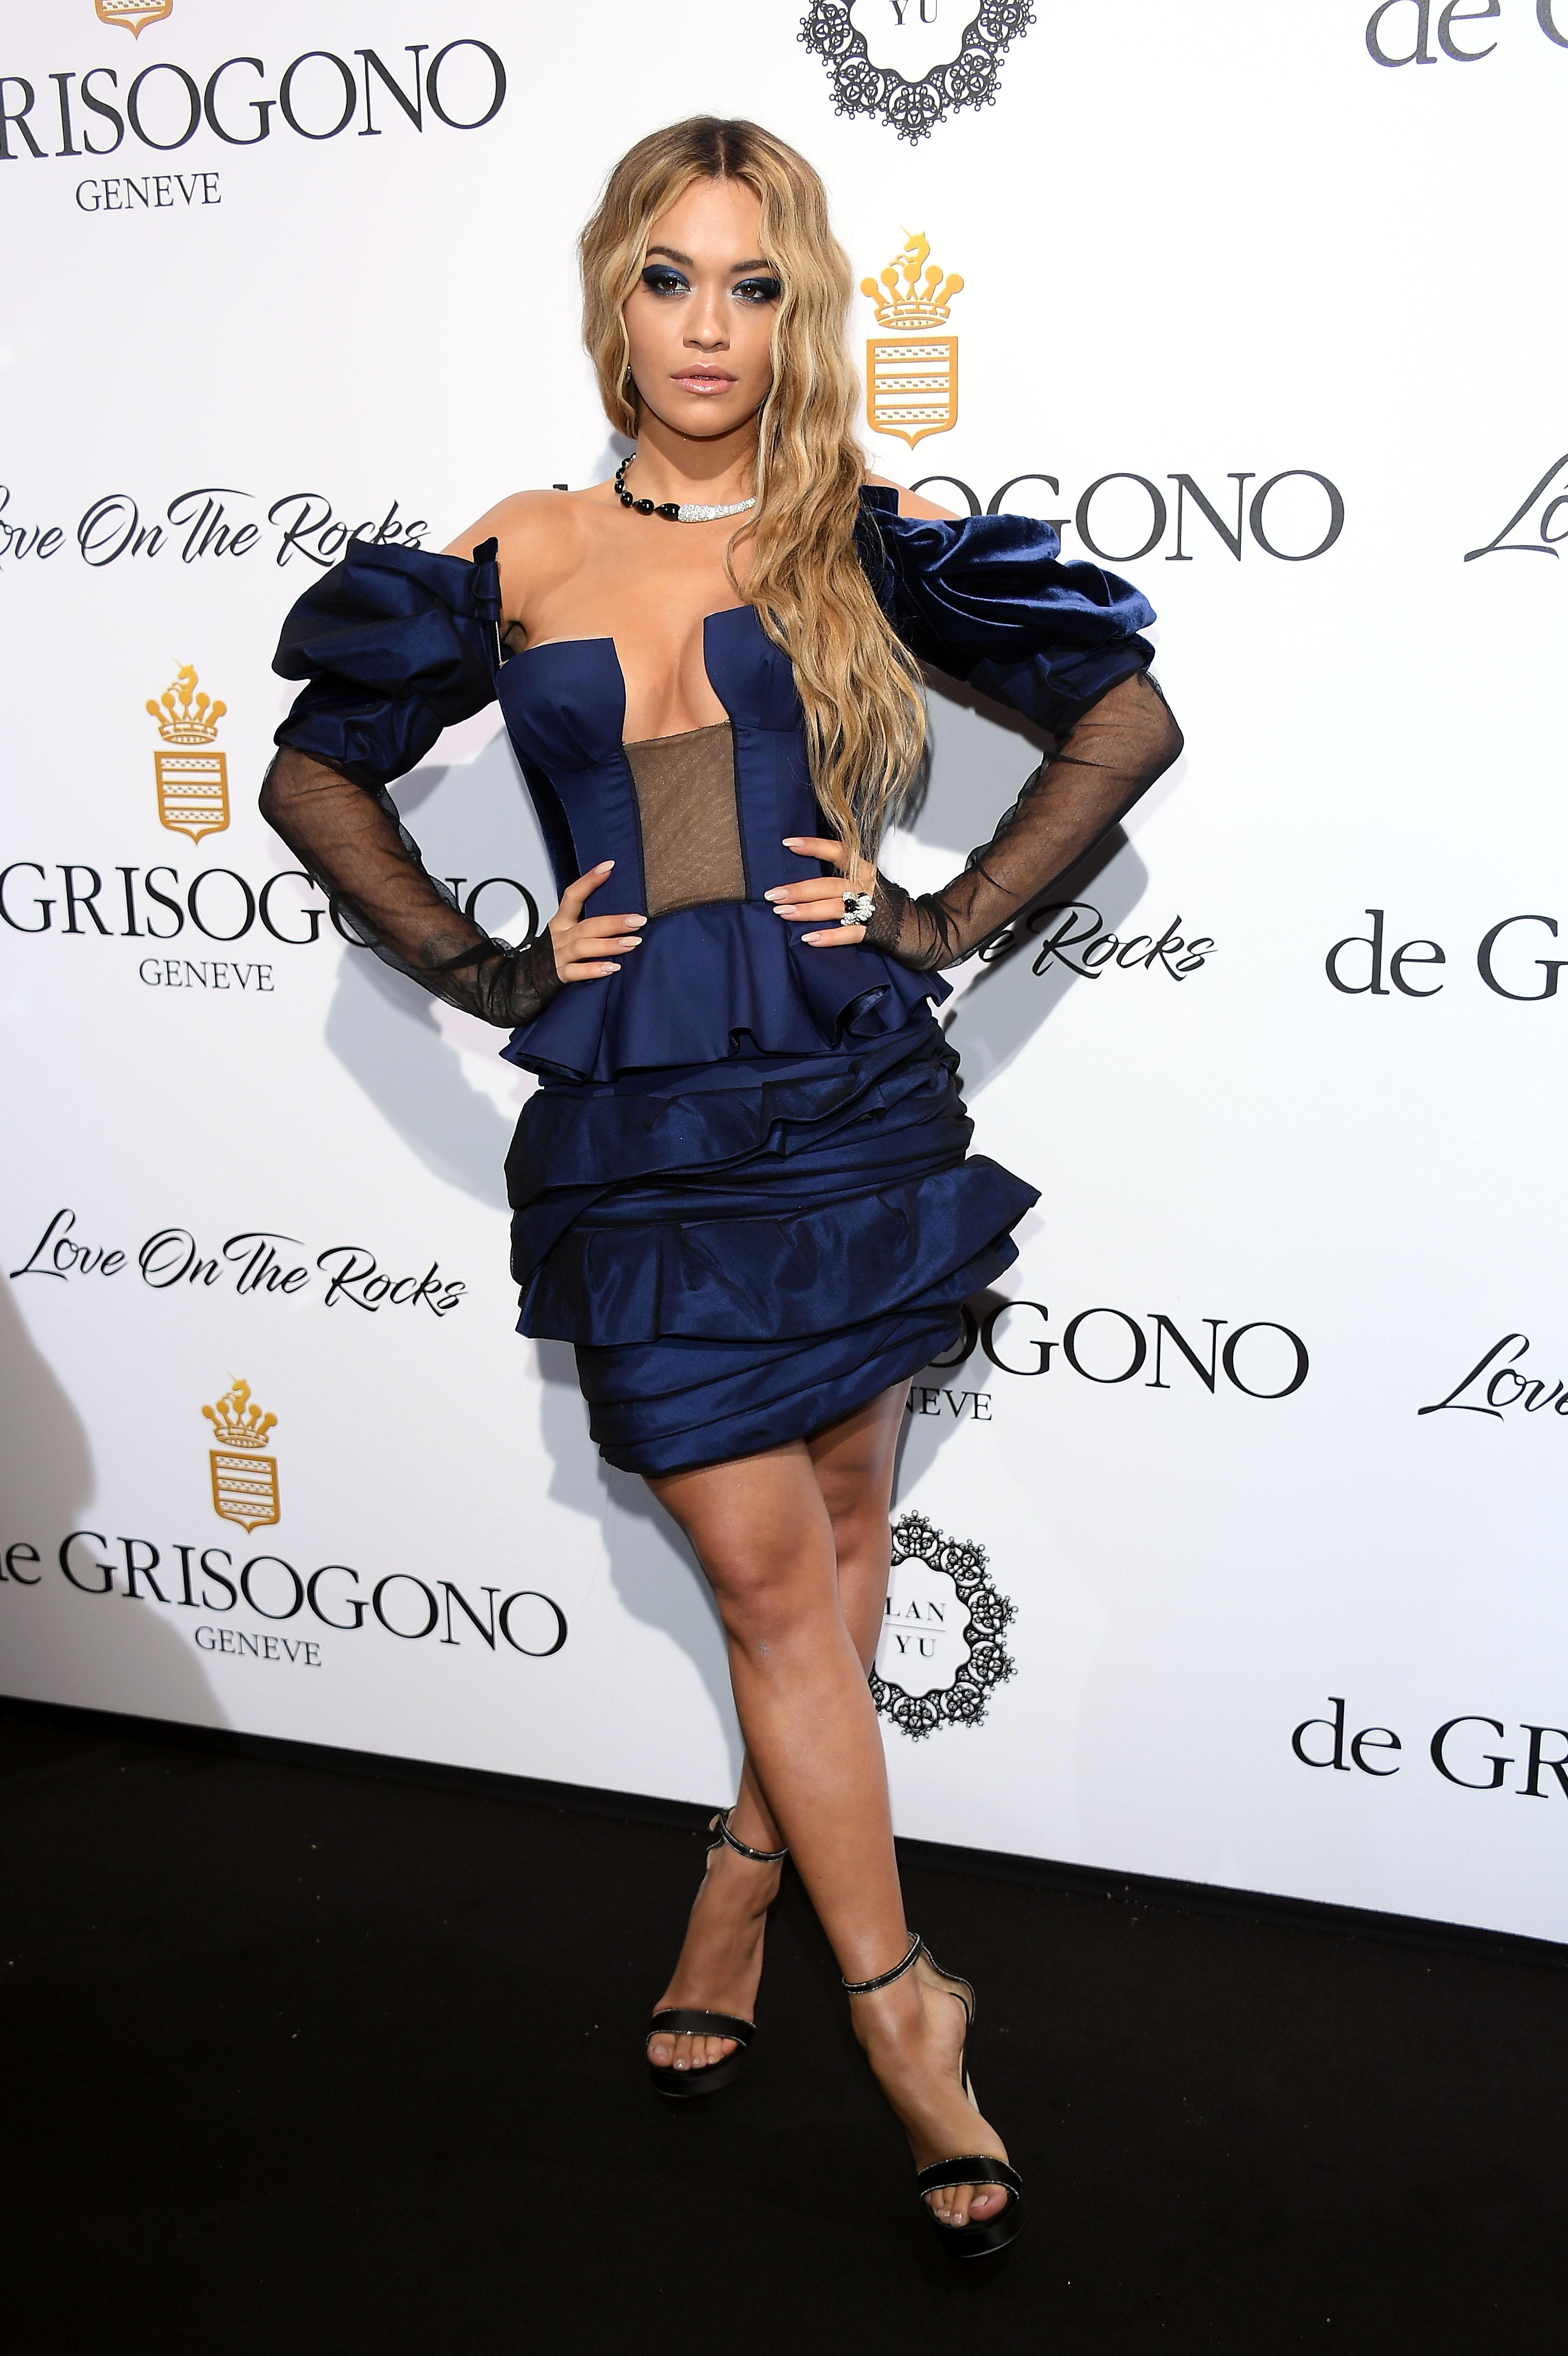 De Grisogono - The 70th Annual Cannes Film Festival